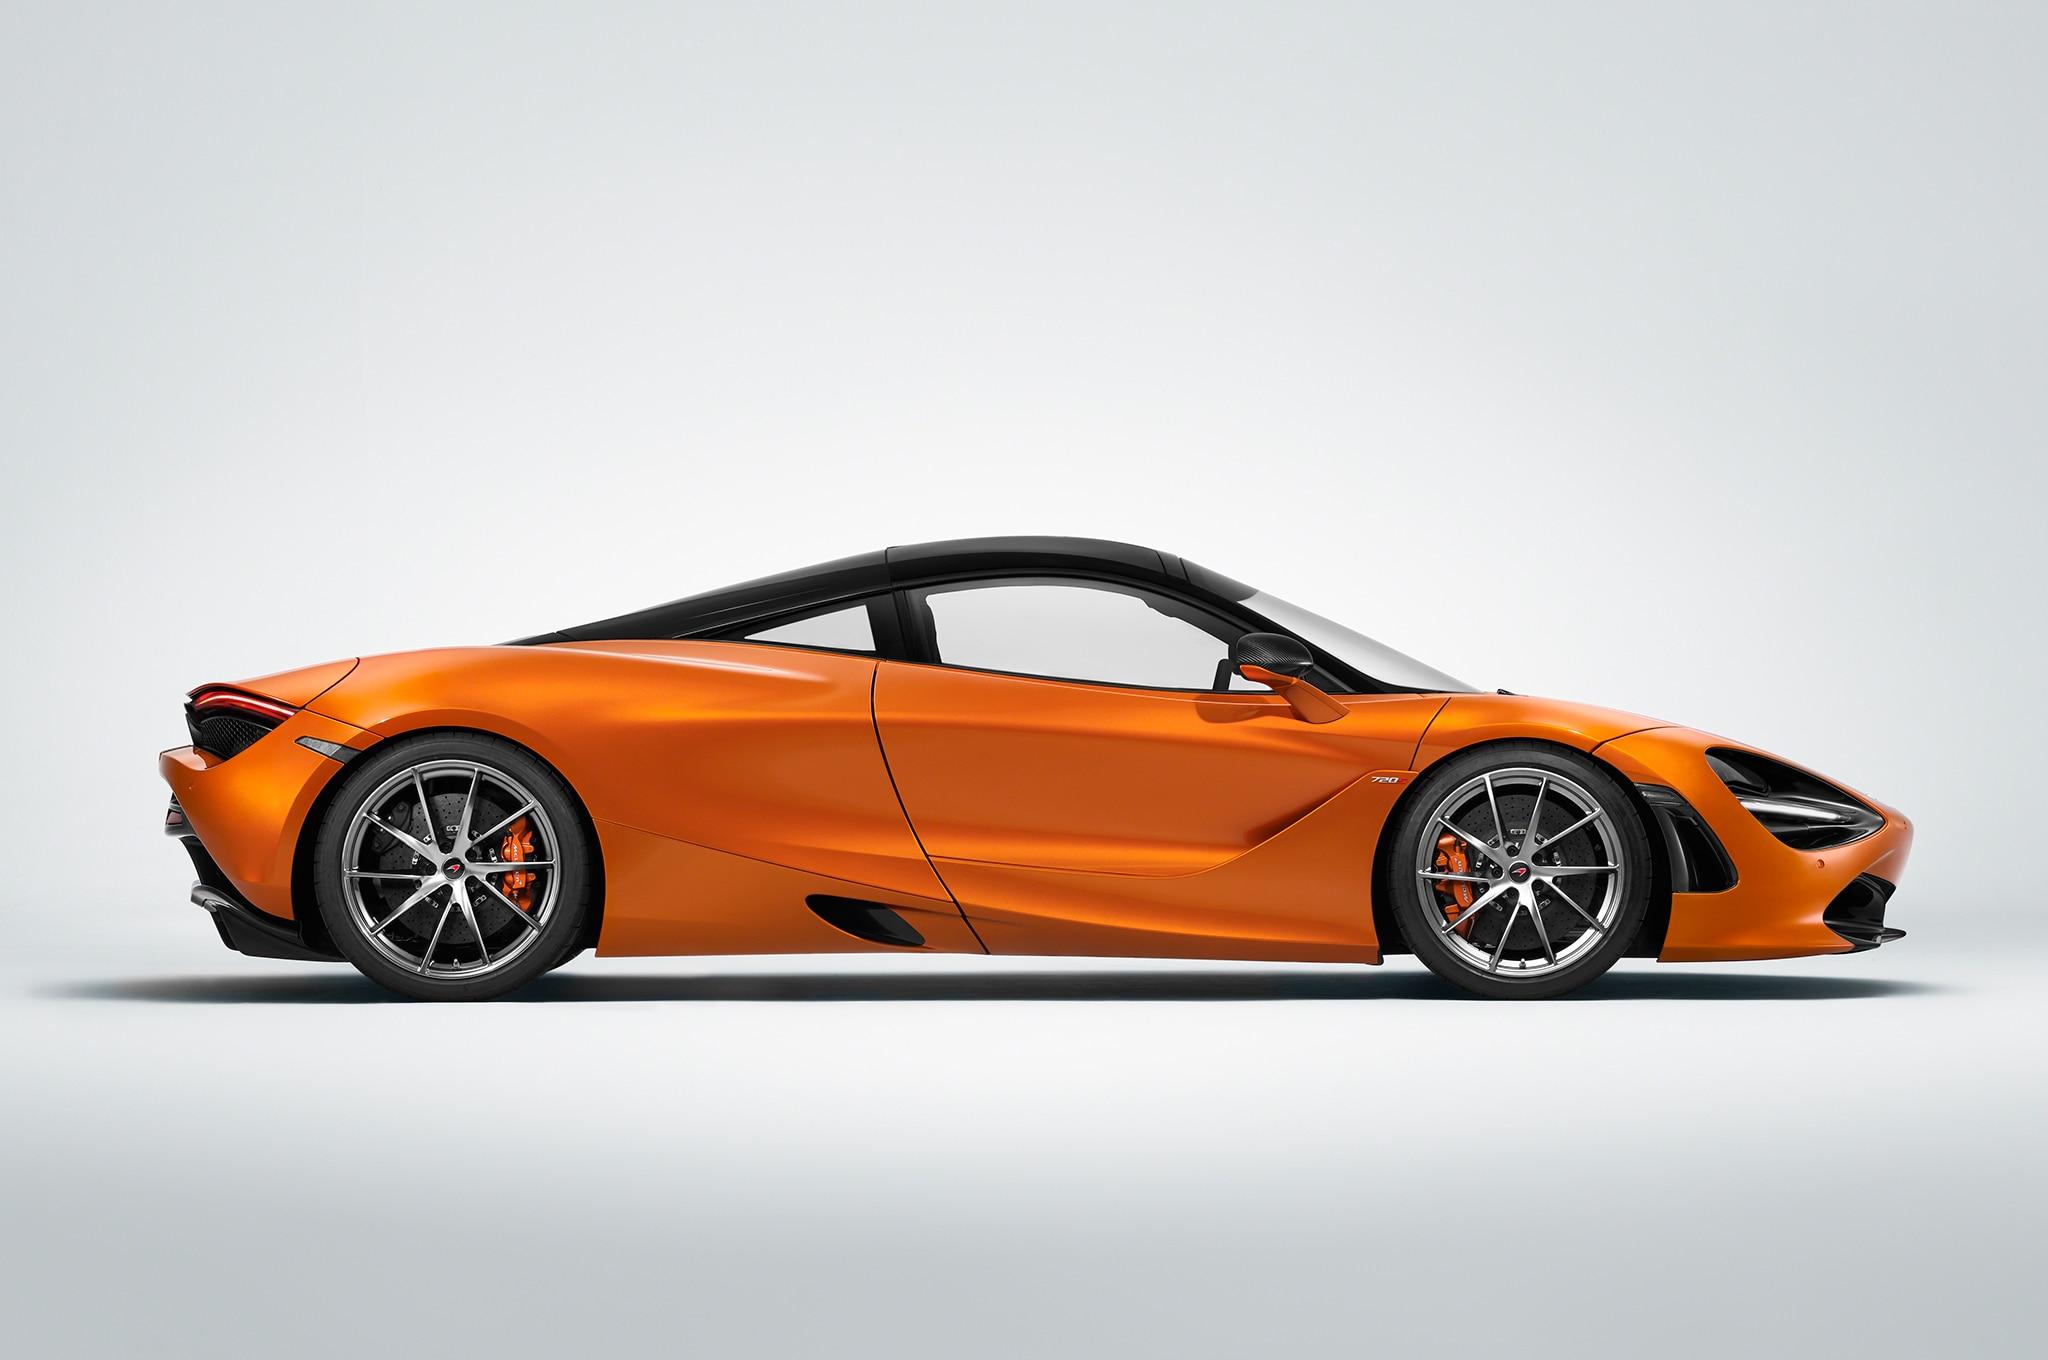 2018 McLaren 720S Side Profile